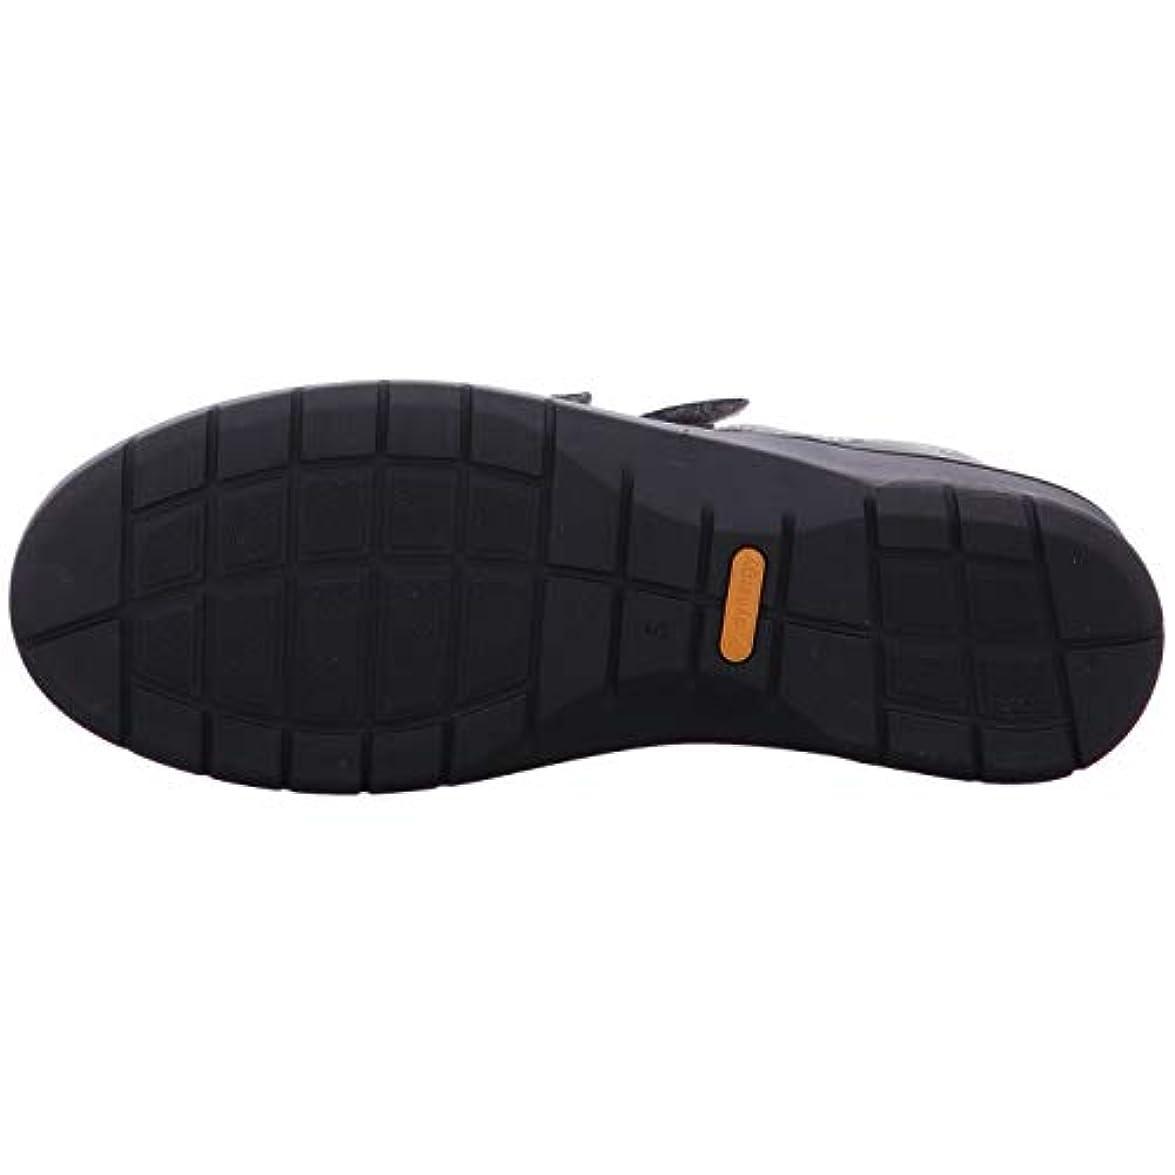 Ara Calzature Sneakers 12-41040-05